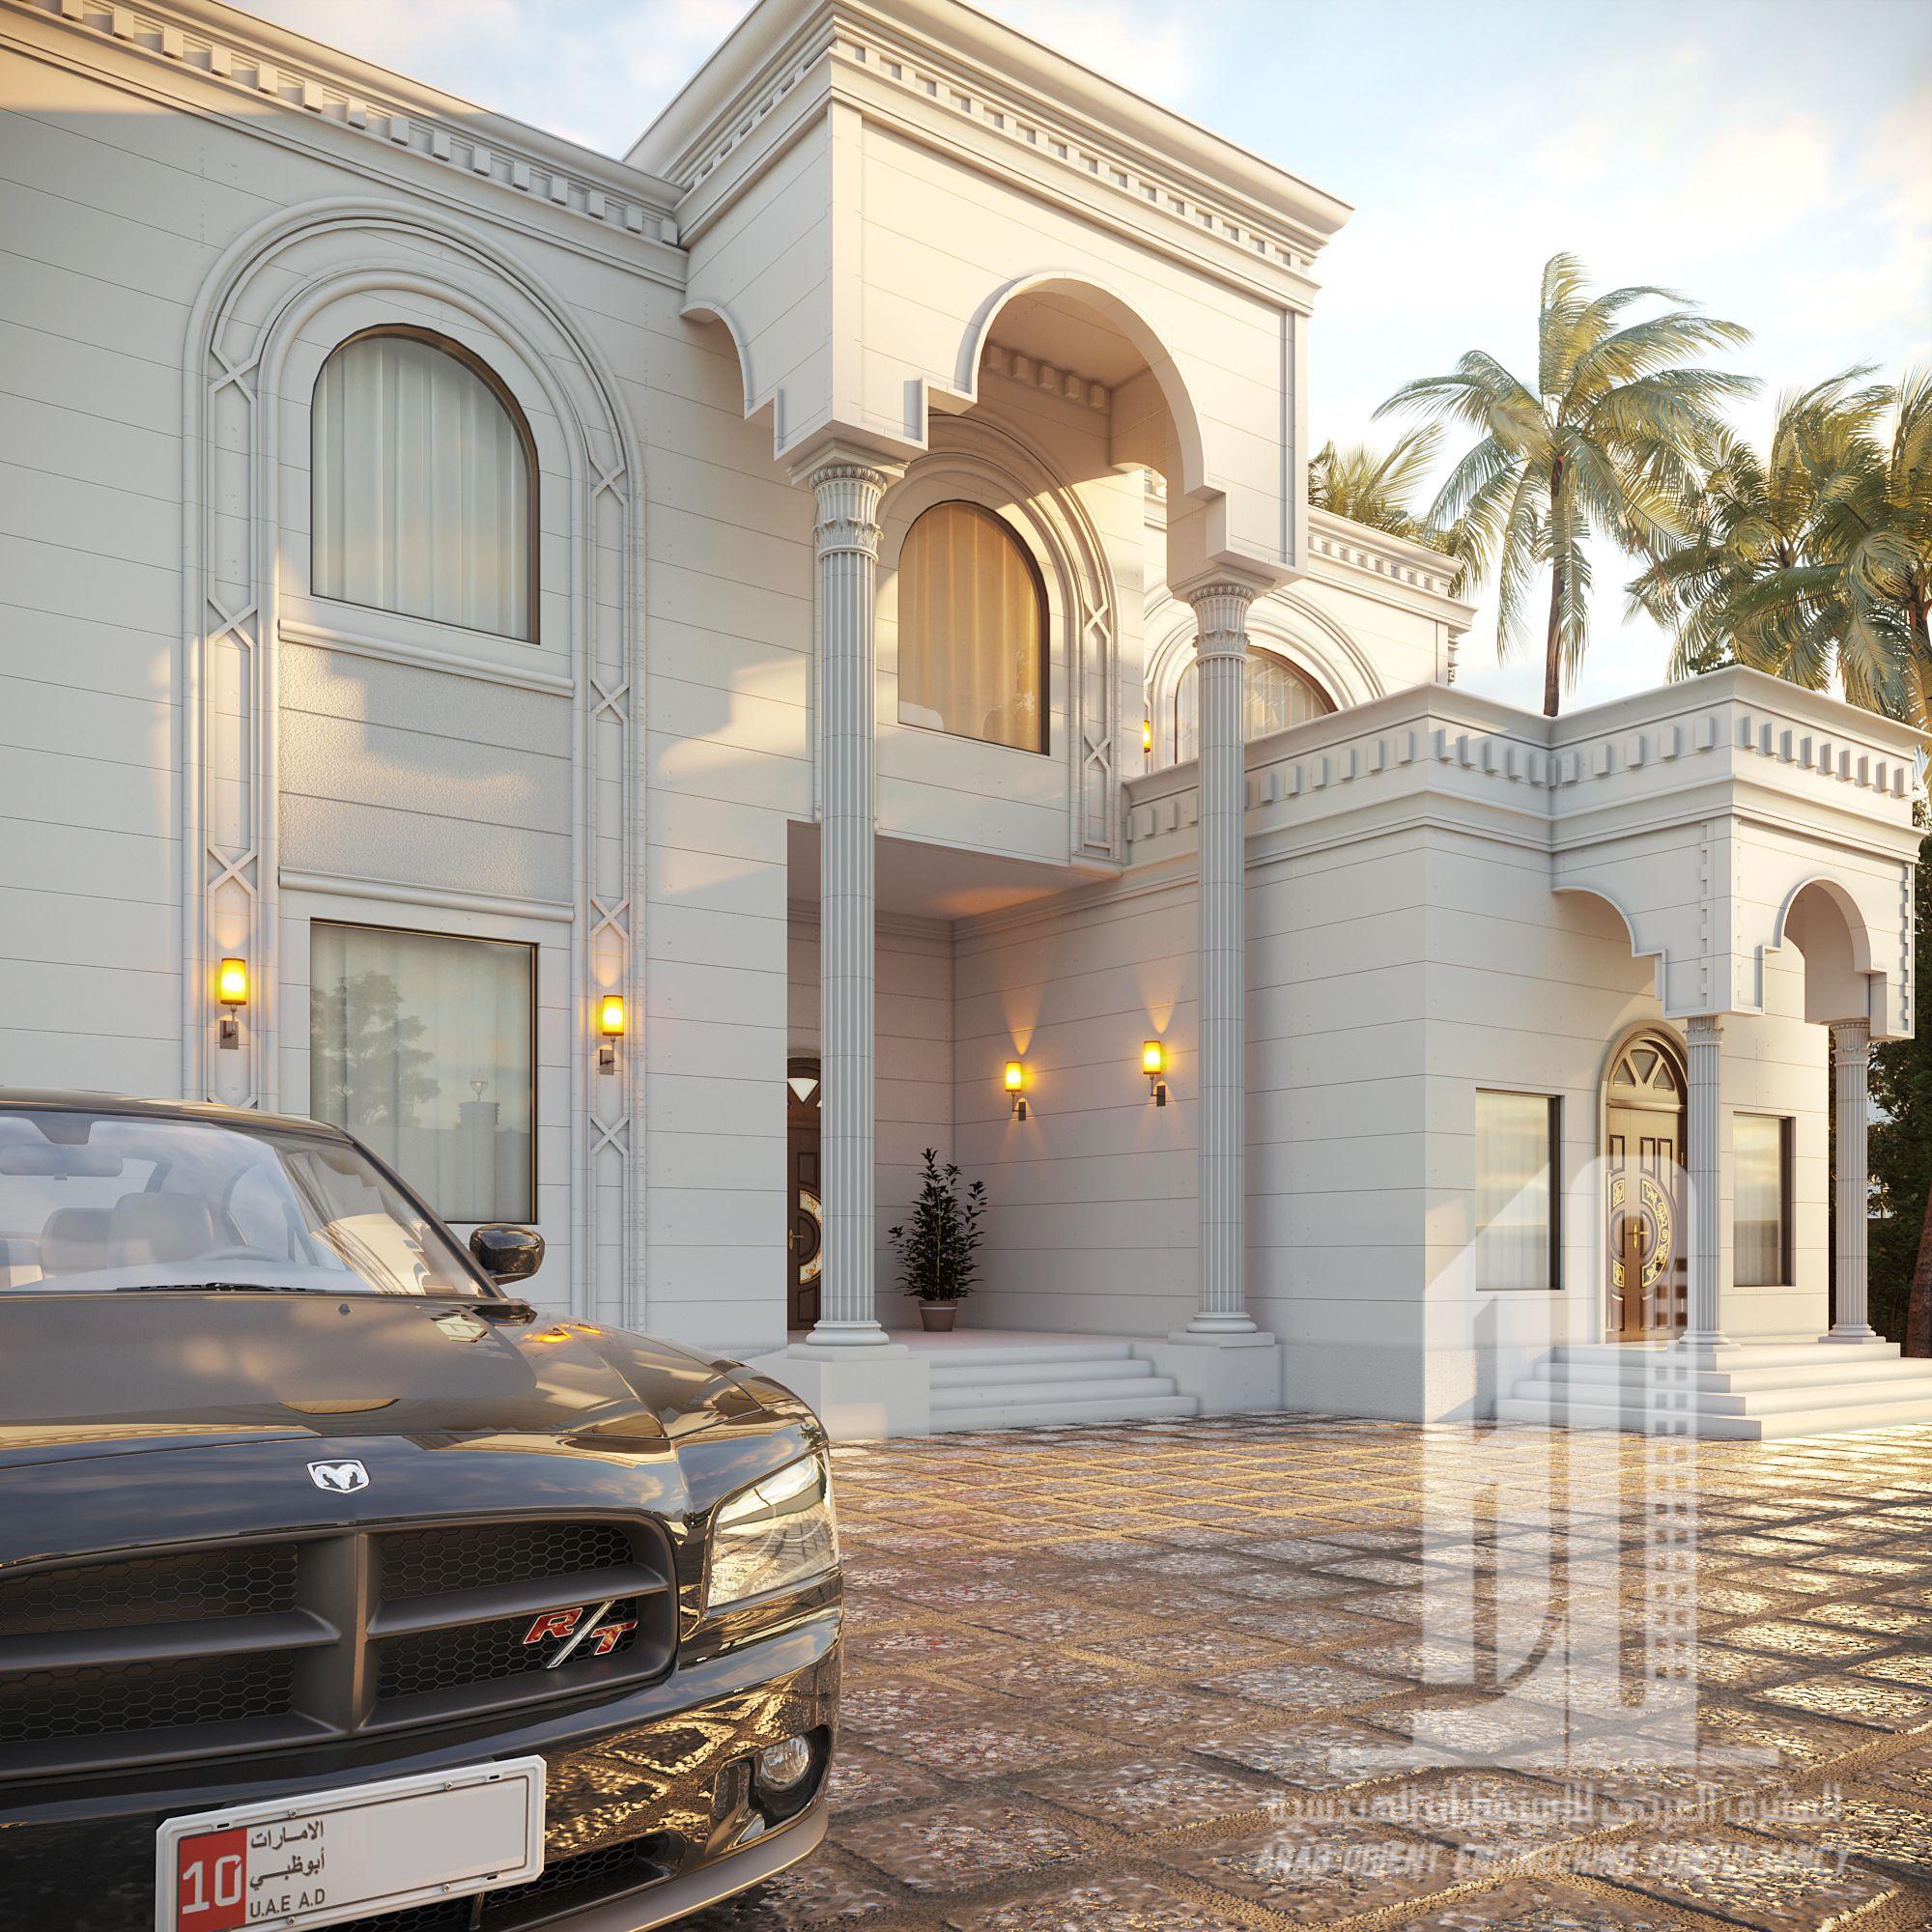 villa classic uae in 2020 | Villa, House styles, Classic